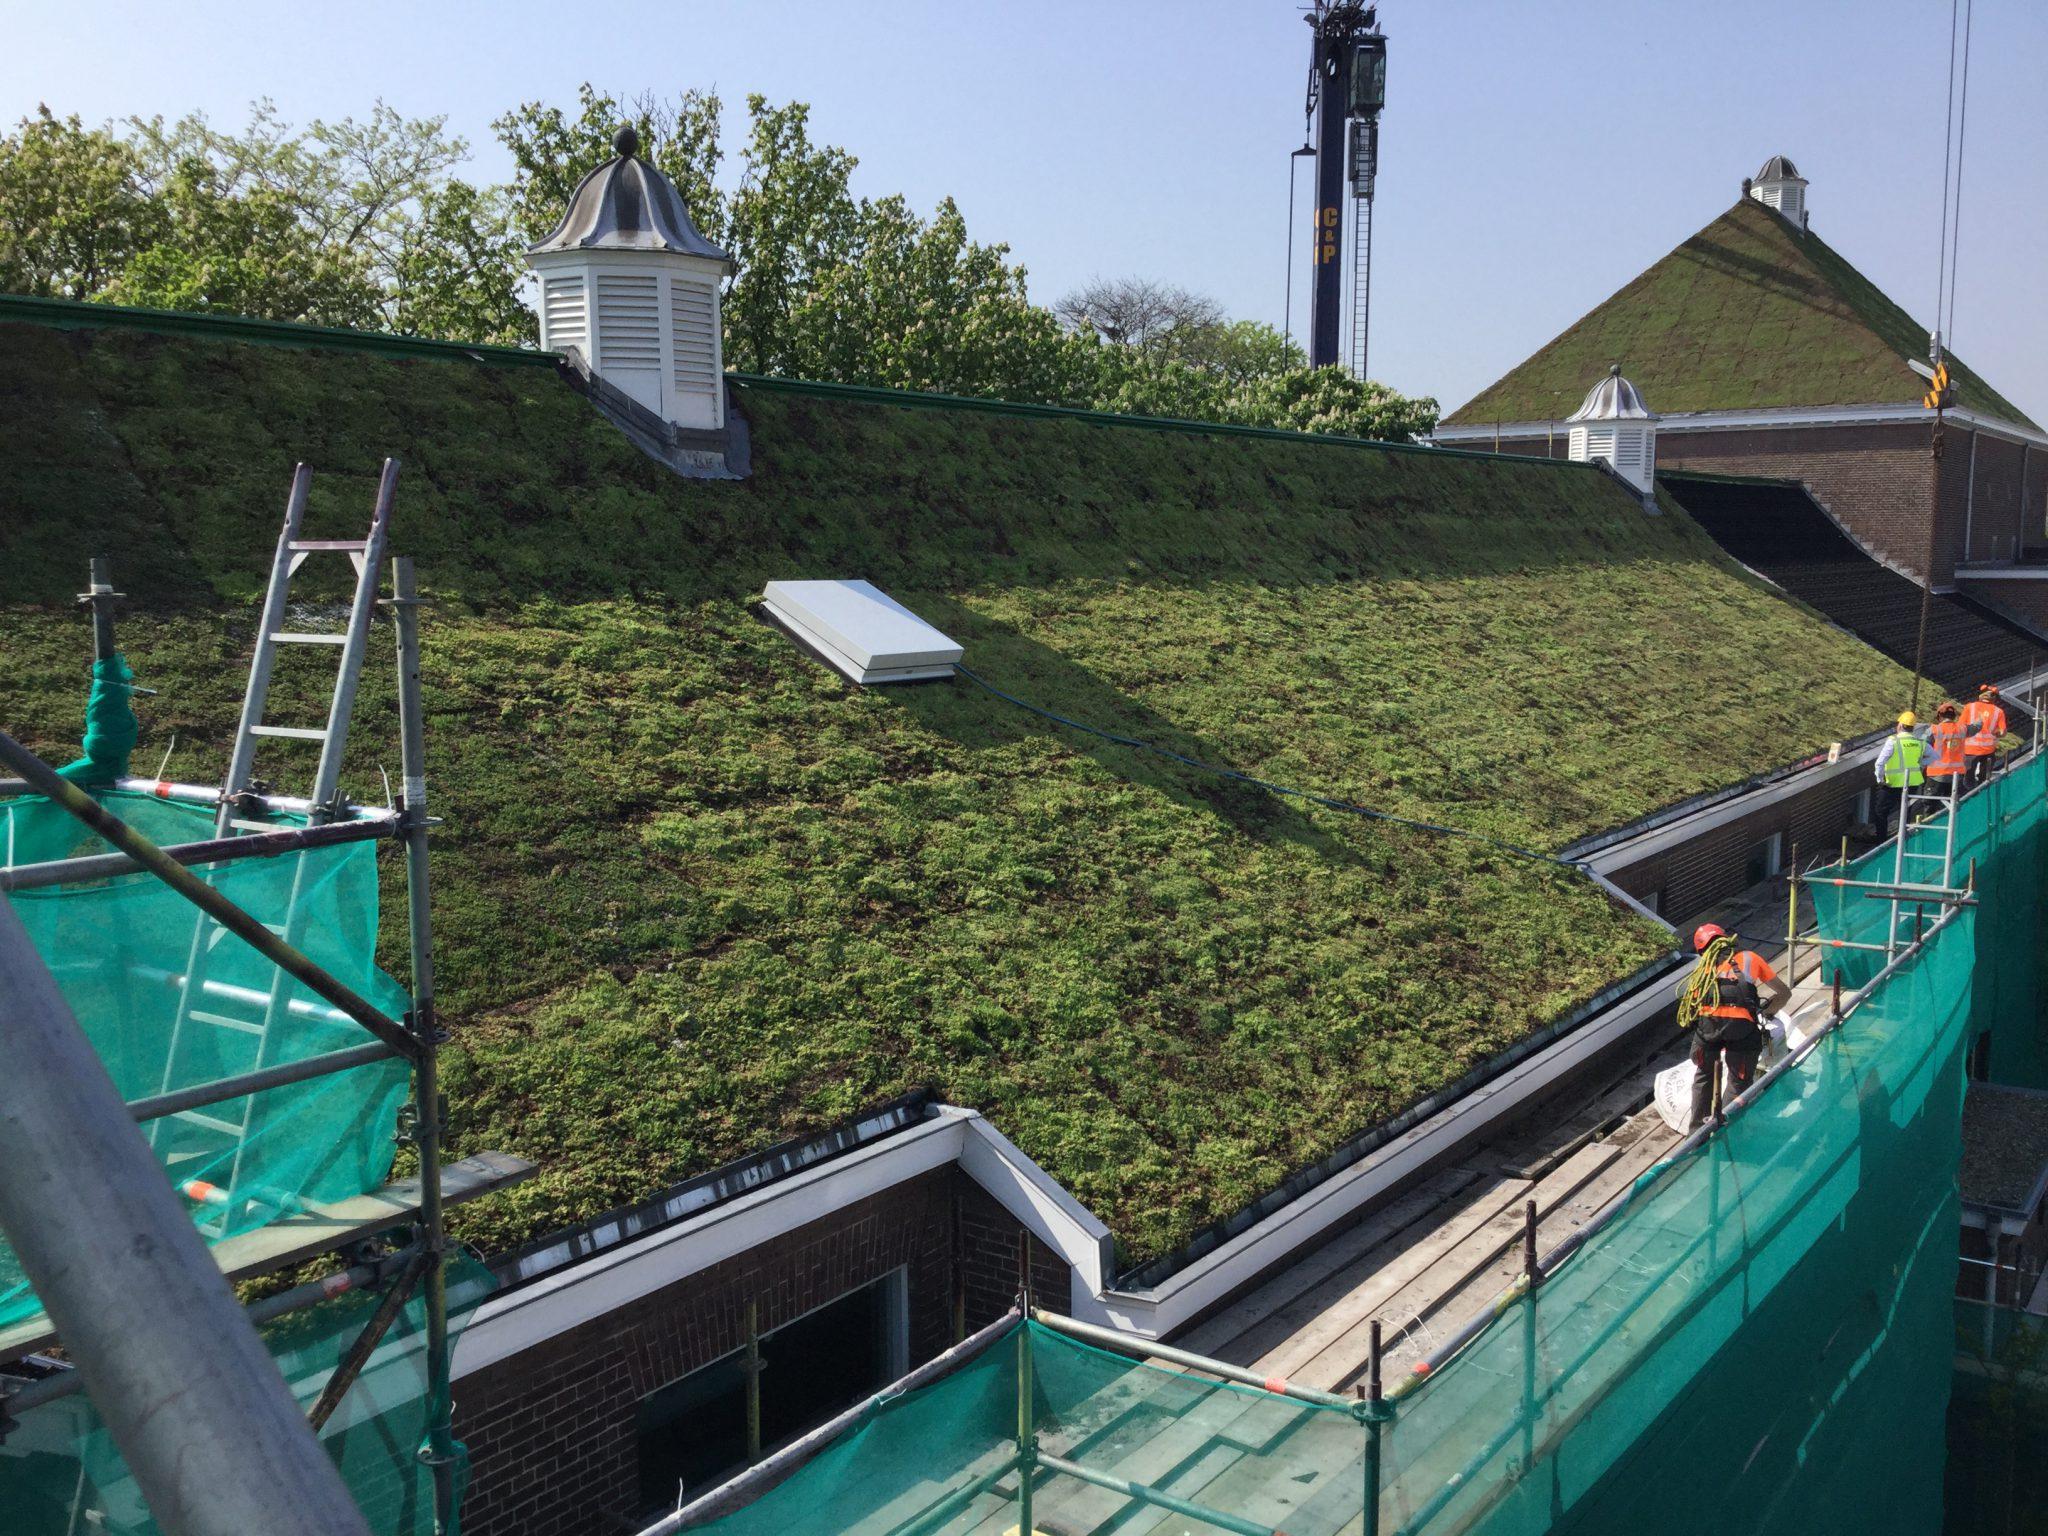 aanleg groendak Sedum vervangt dakpannen op 100 jaar oud zadeldak